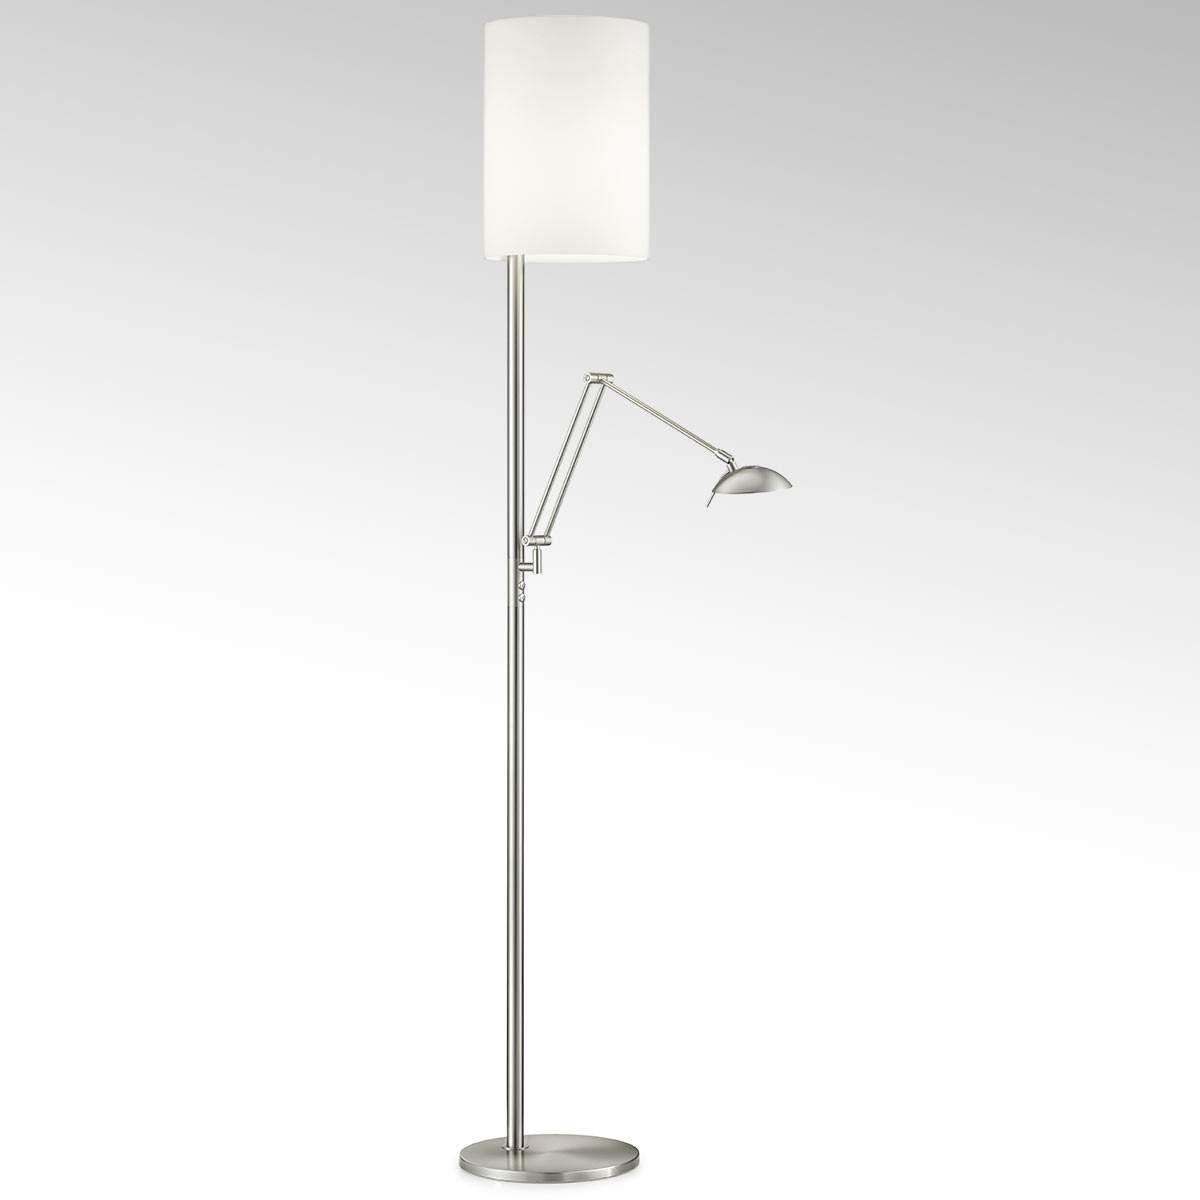 Stehleuchte Retro Orange Stehlampe Modern Led Stehlampe Mit